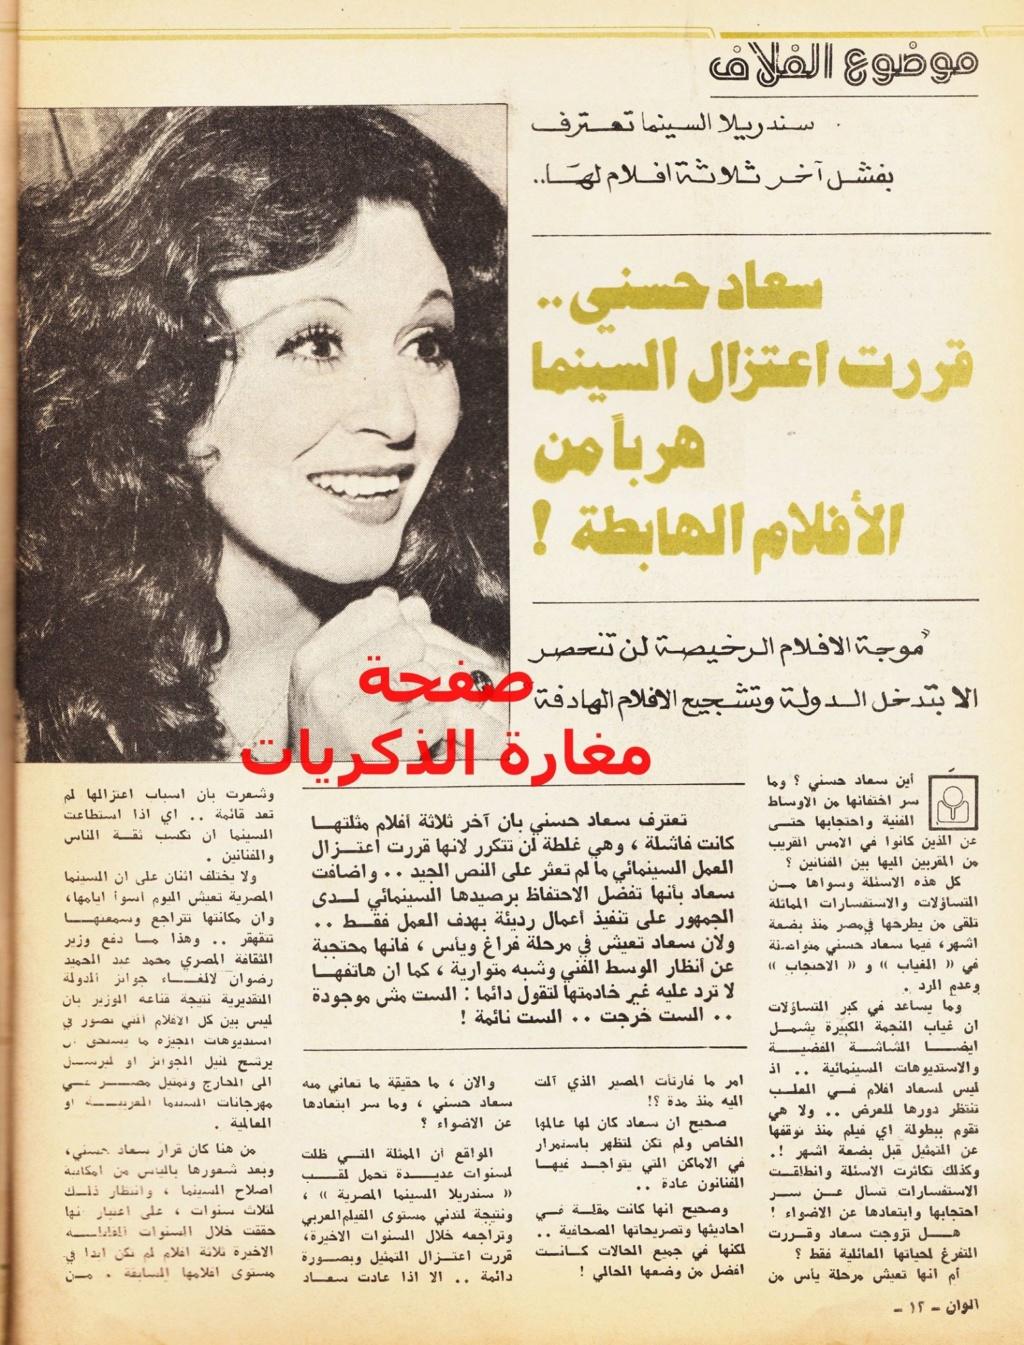 مقال صحفي : سعاد حسني .. قررت اعتزال السينما هرباً من الأفلام الهابطة 1982 م 1178